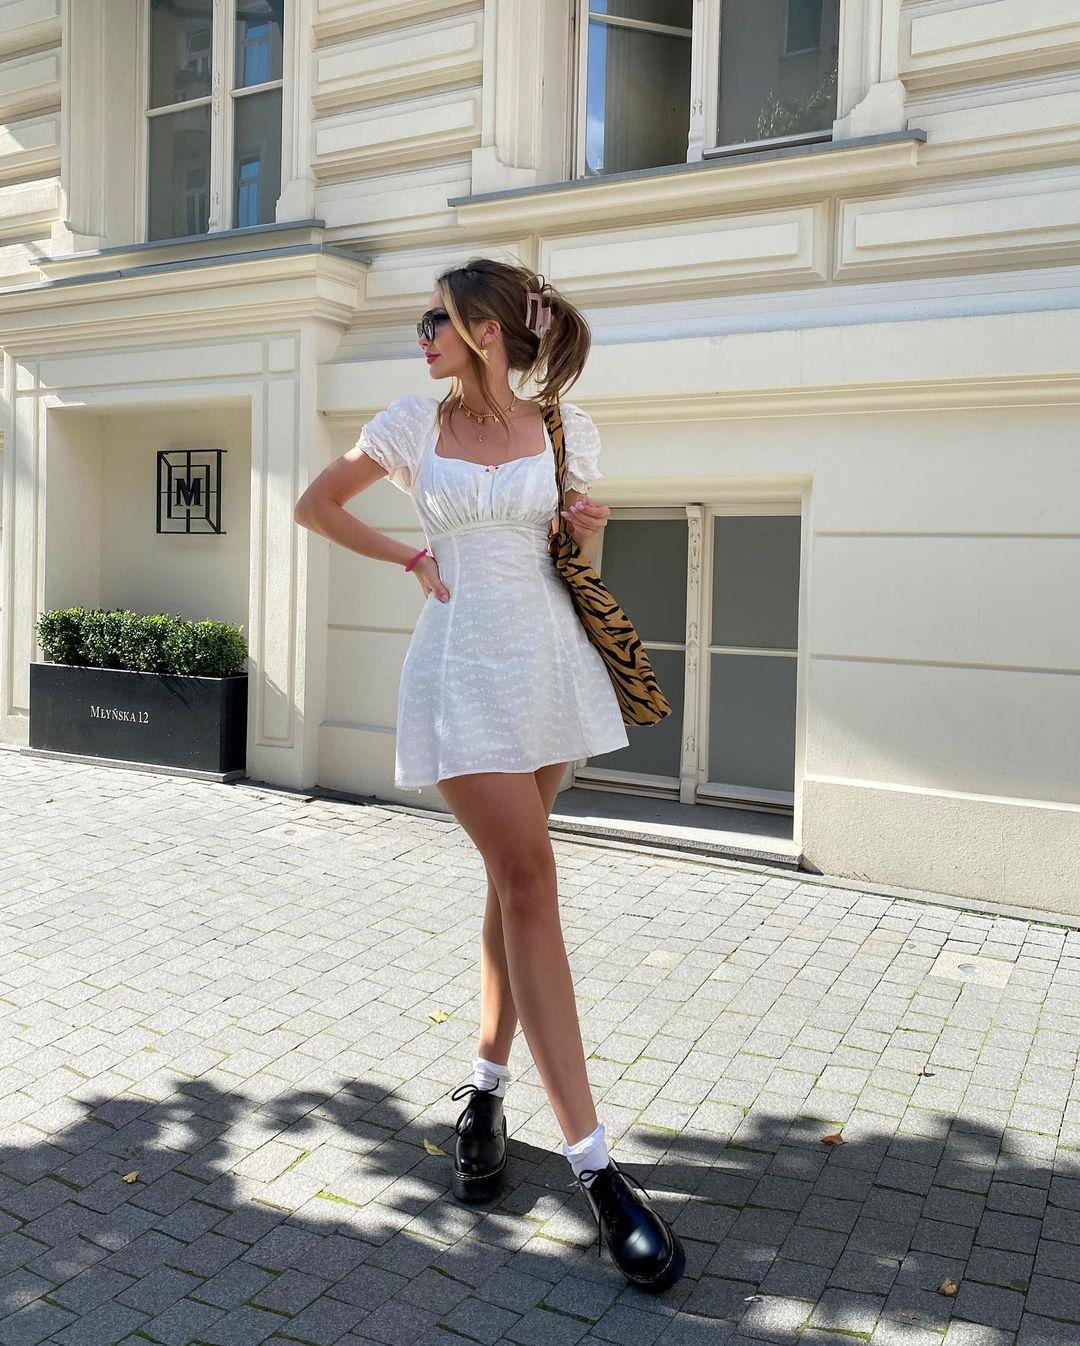 Không phải cứ mặc đồ thật sang chảnh, xa xỉ là sẽ thể hiện được tinh thần Old Money. Trang phục của bạn có thể rất đơn giản nhưng vẫn thể hiện được sự tinh tế, gu thẩm mỹ tuyệt vời của chủ nhân thông qua sự kết hợp ăn ý giữa váy áo và phụ kiện.